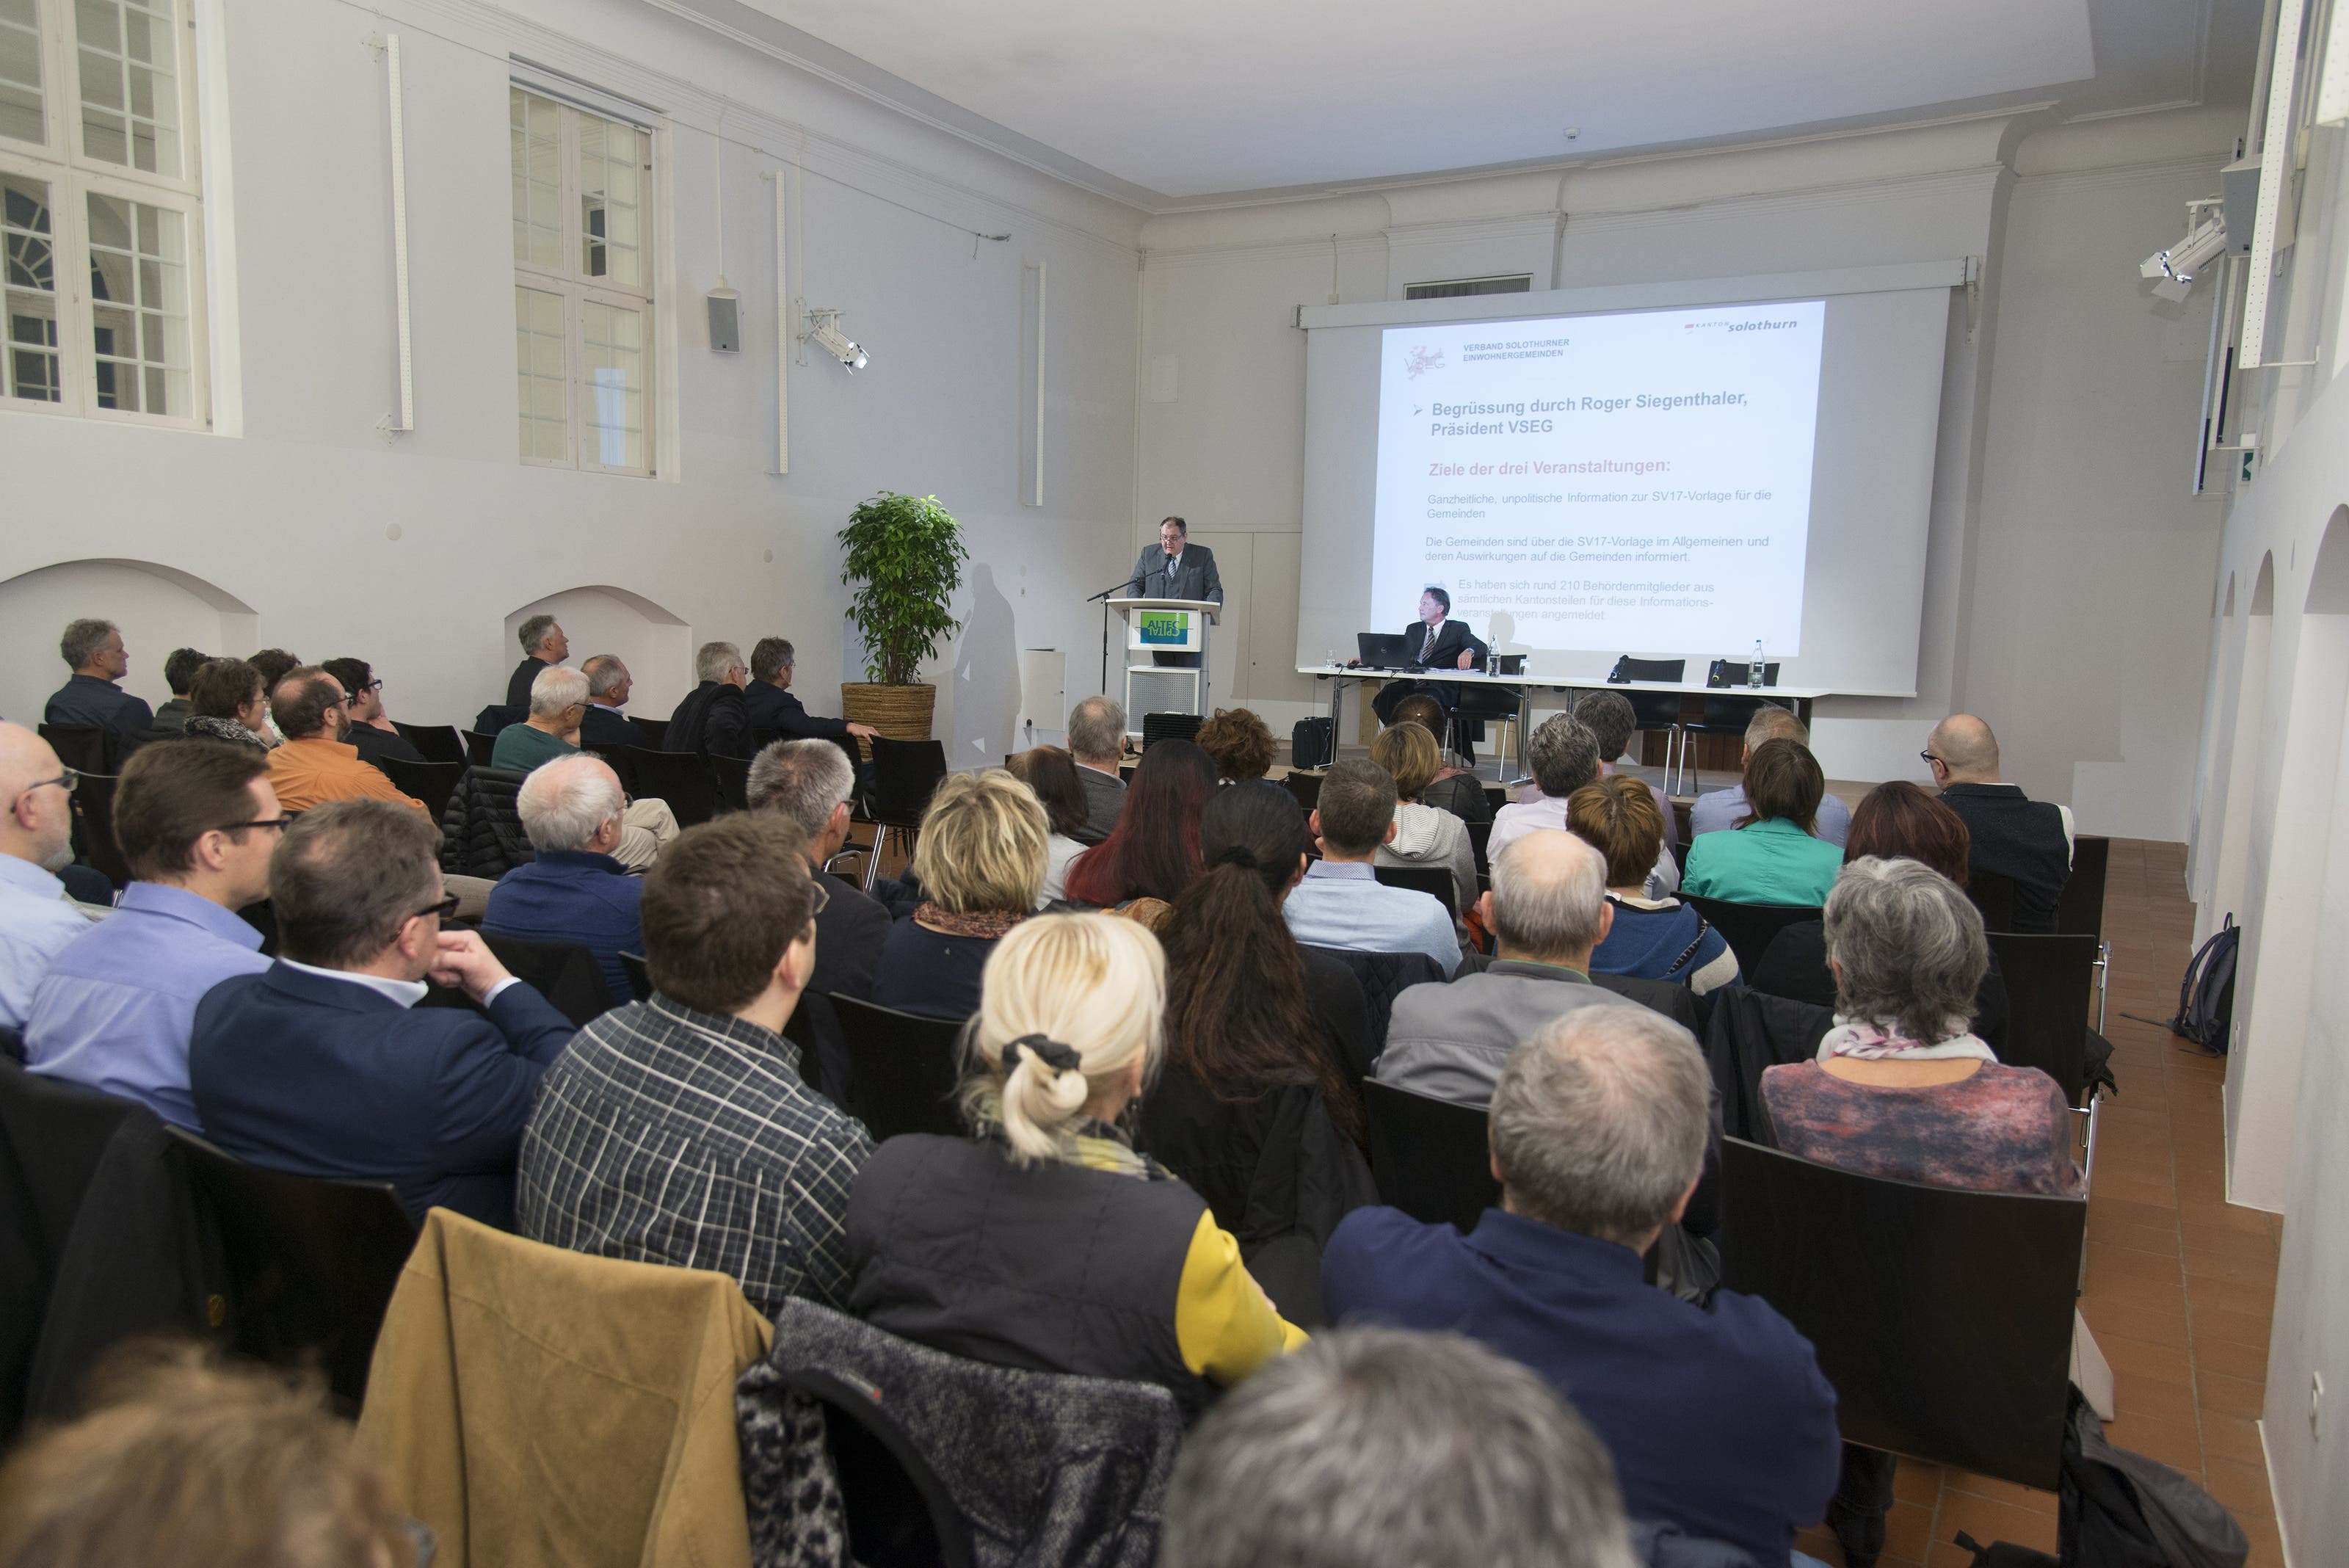 Informationsveranstaltung des VSEG (Verband solothurnischer Einwohnergemeinden) im Alten Spital in Solothurn.